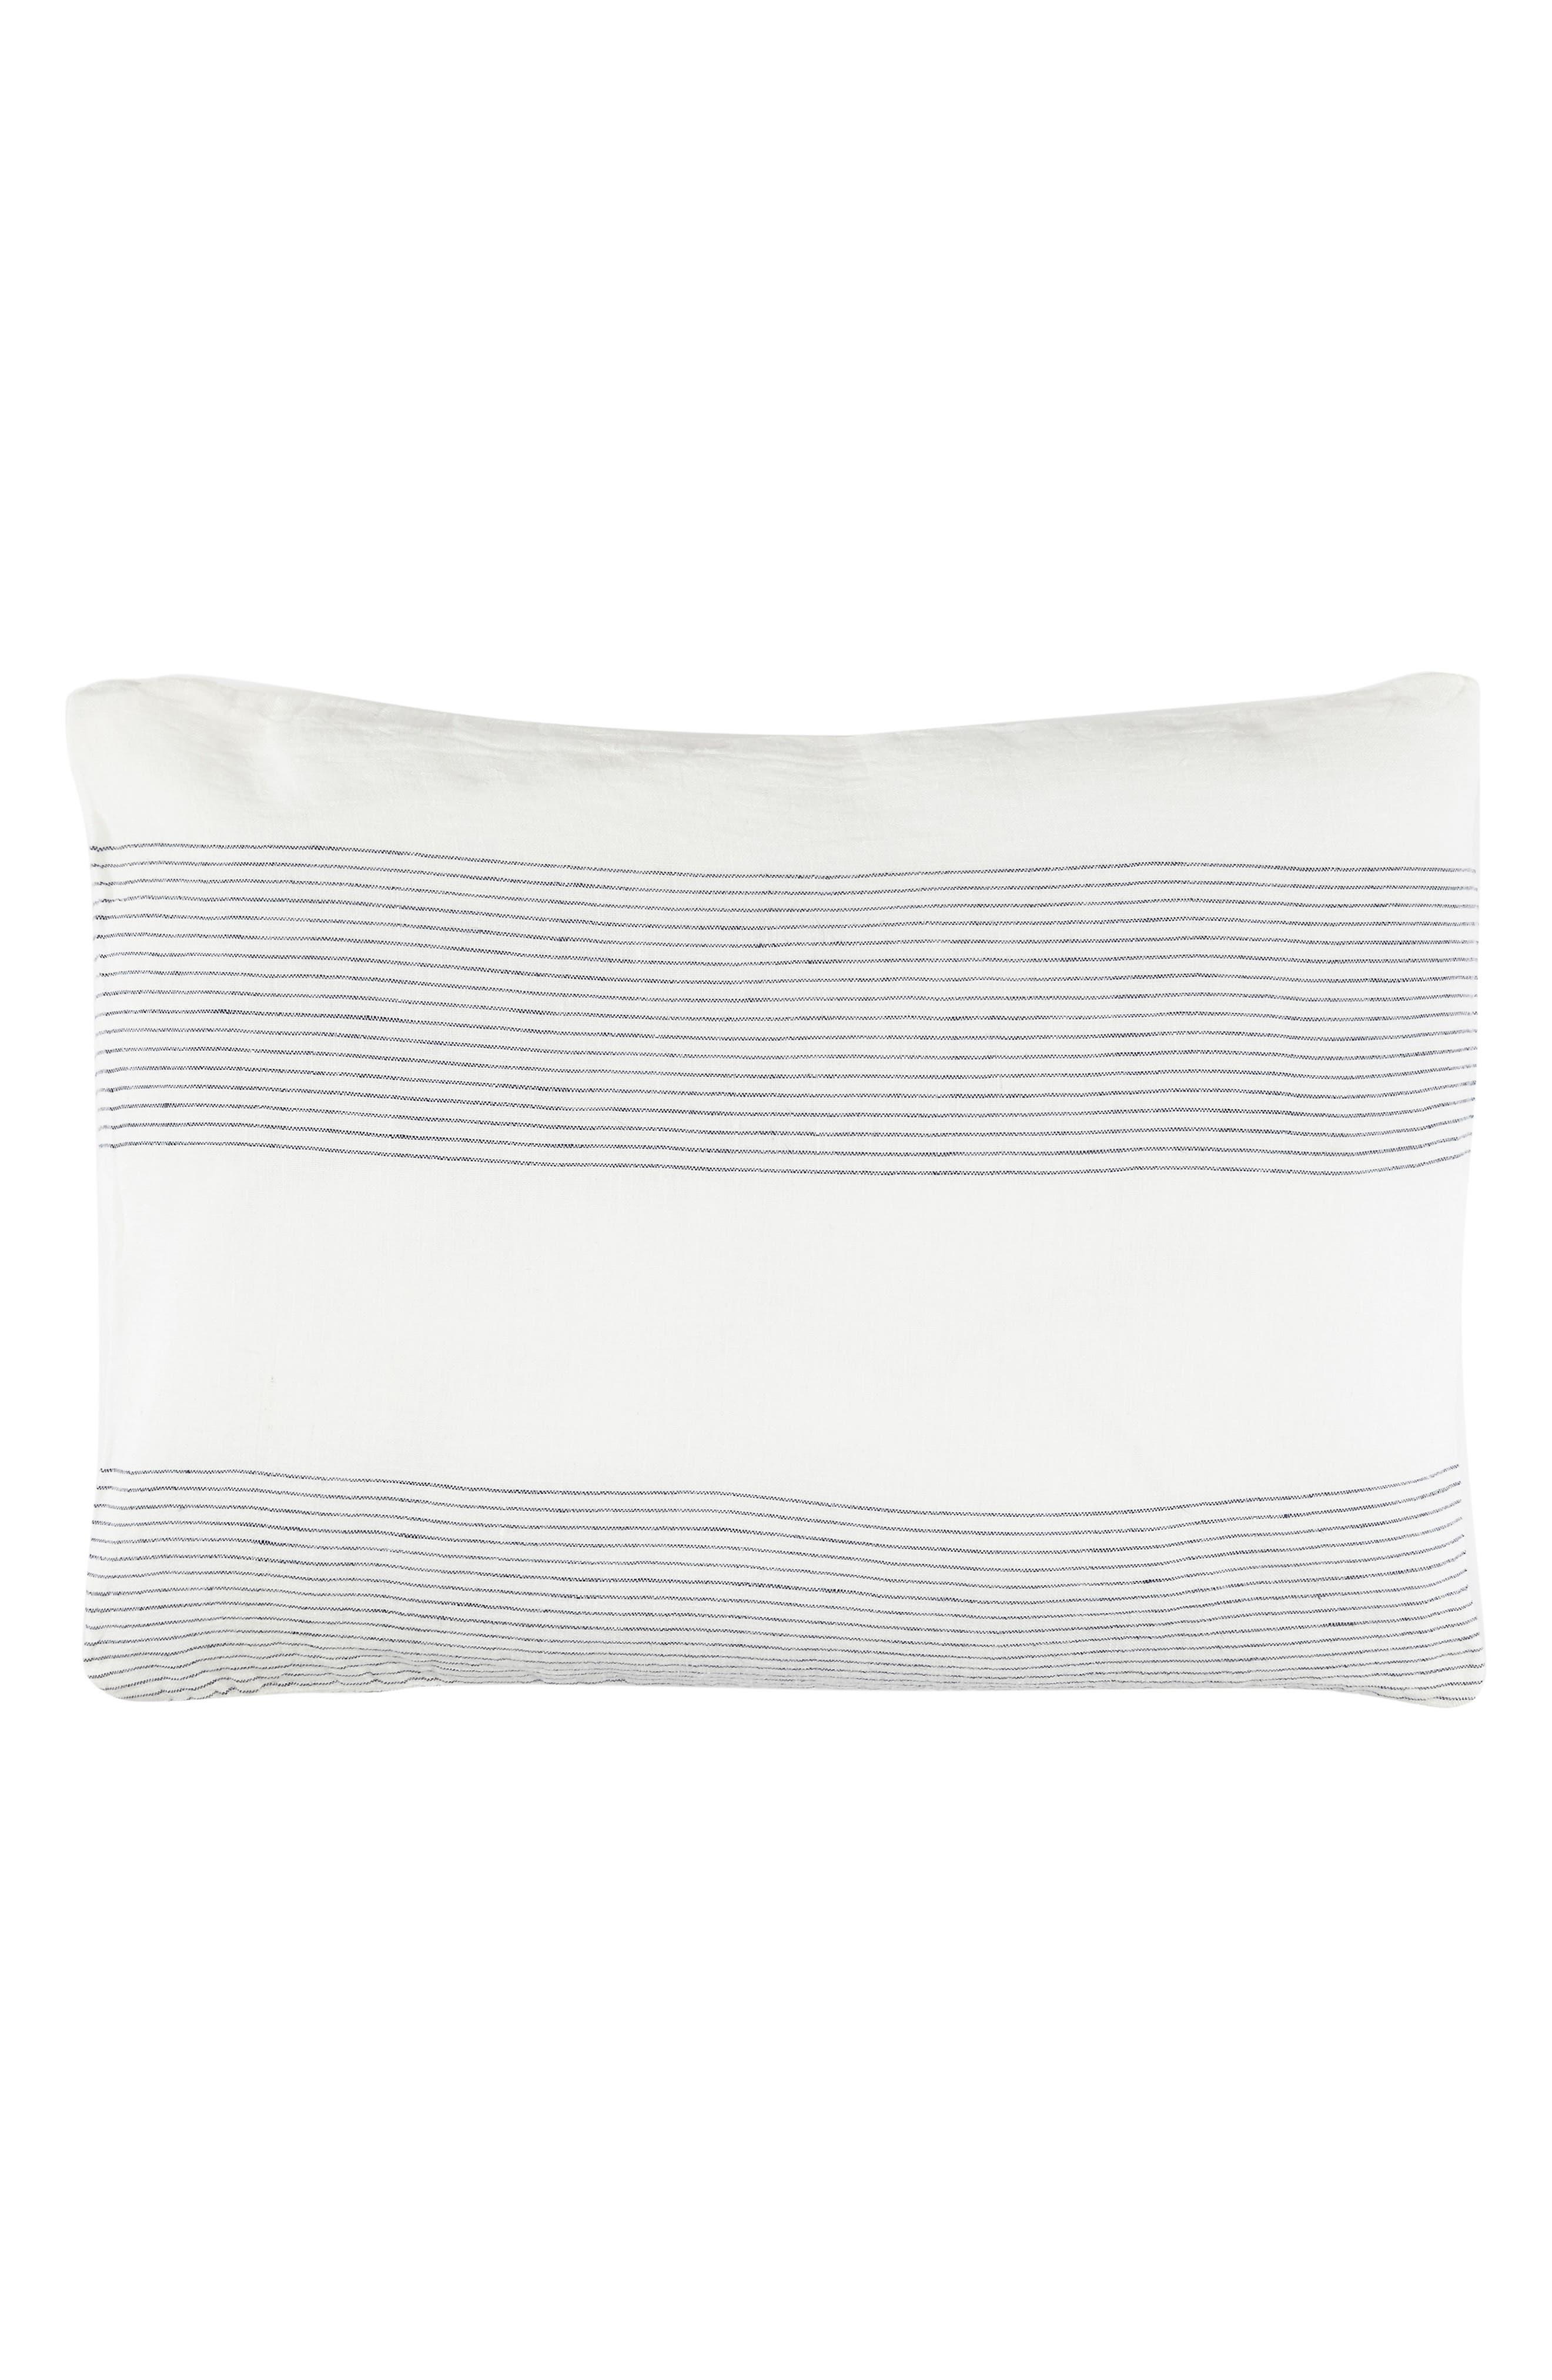 Main Image - KASSATEX Amagansett Linen Accent Pillow